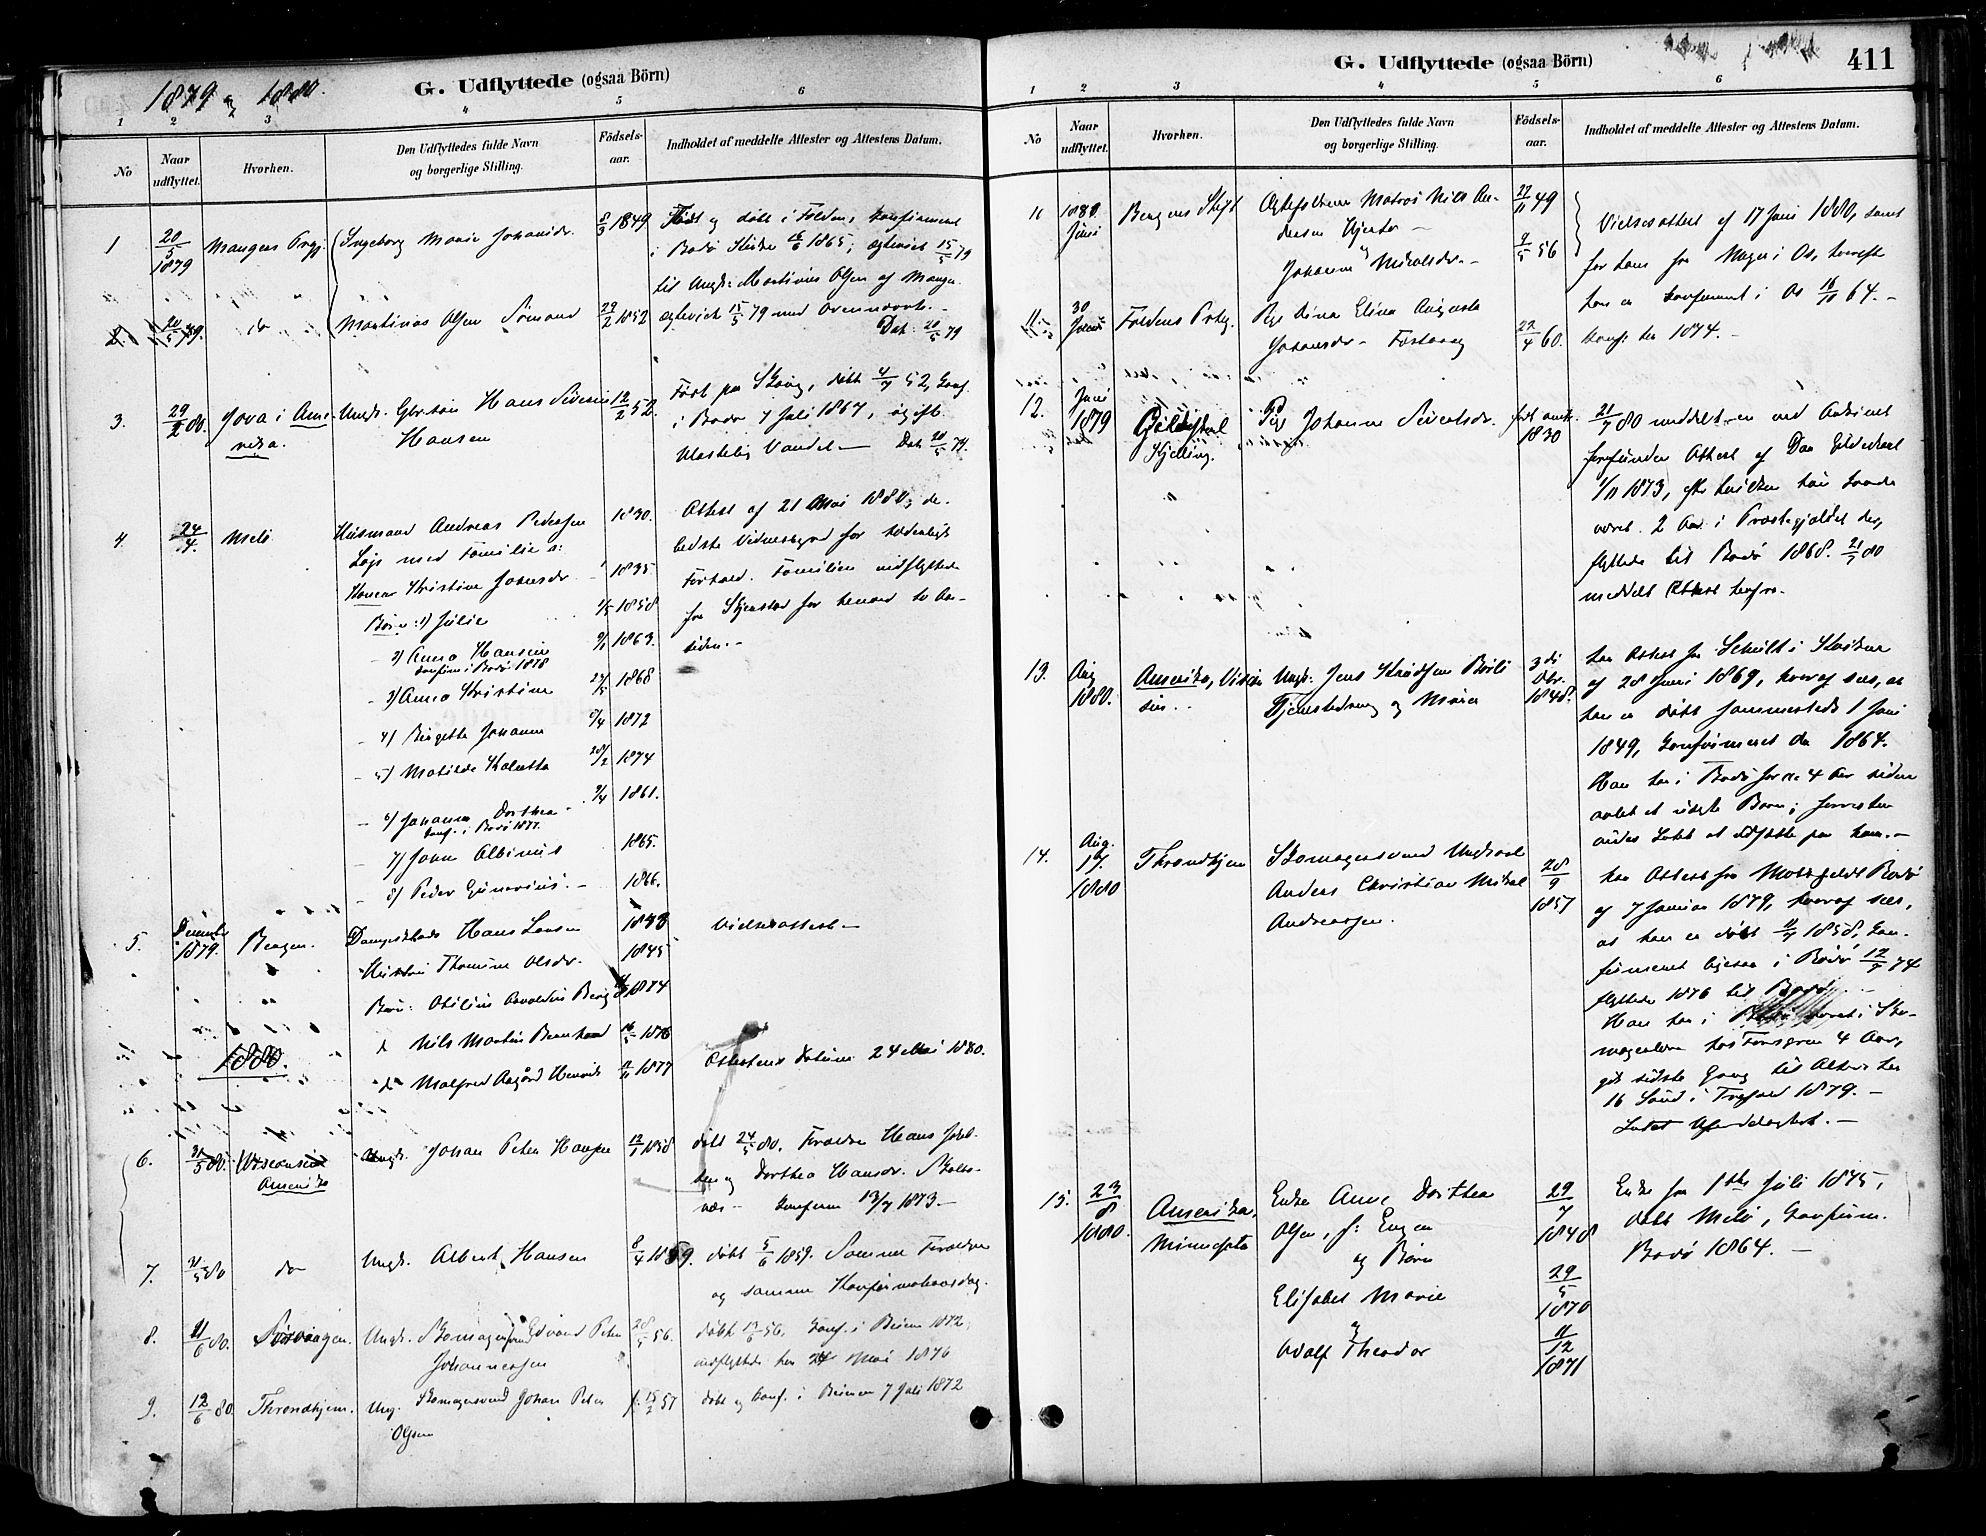 SAT, Ministerialprotokoller, klokkerbøker og fødselsregistre - Nordland, 802/L0054: Parish register (official) no. 802A01, 1879-1893, p. 411